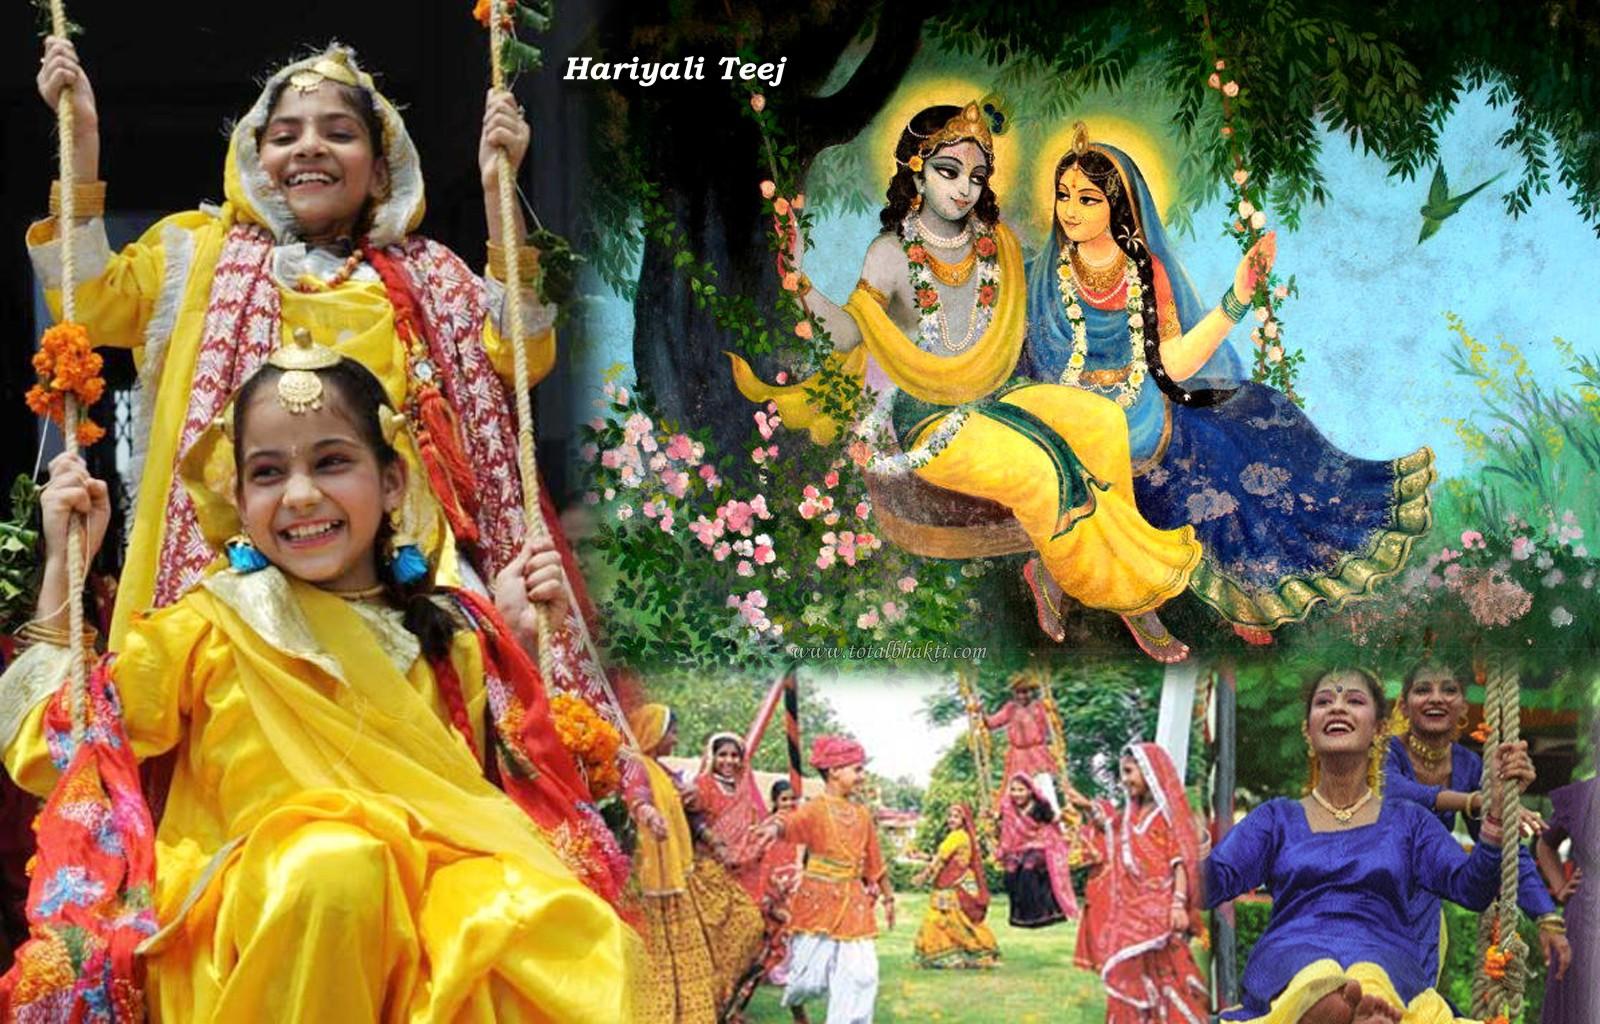 Sawan hariyali teej hd wallpaper images pics shayari dp